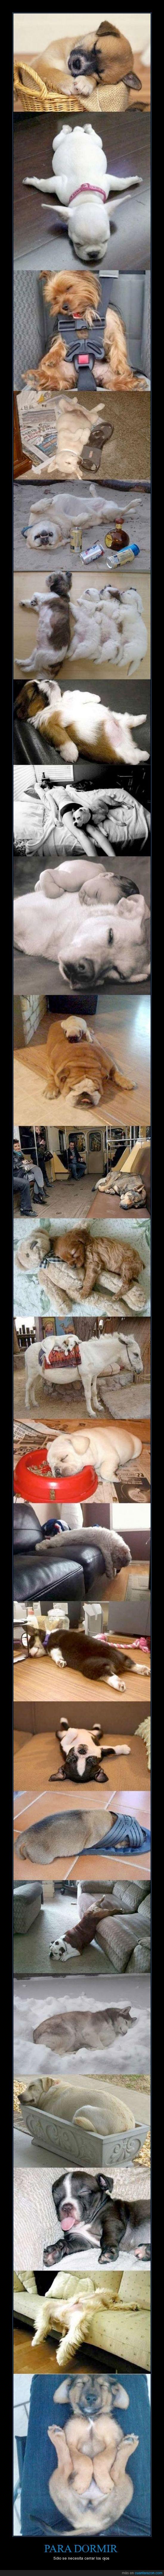 dormido,dormir,perros,postura,sueño